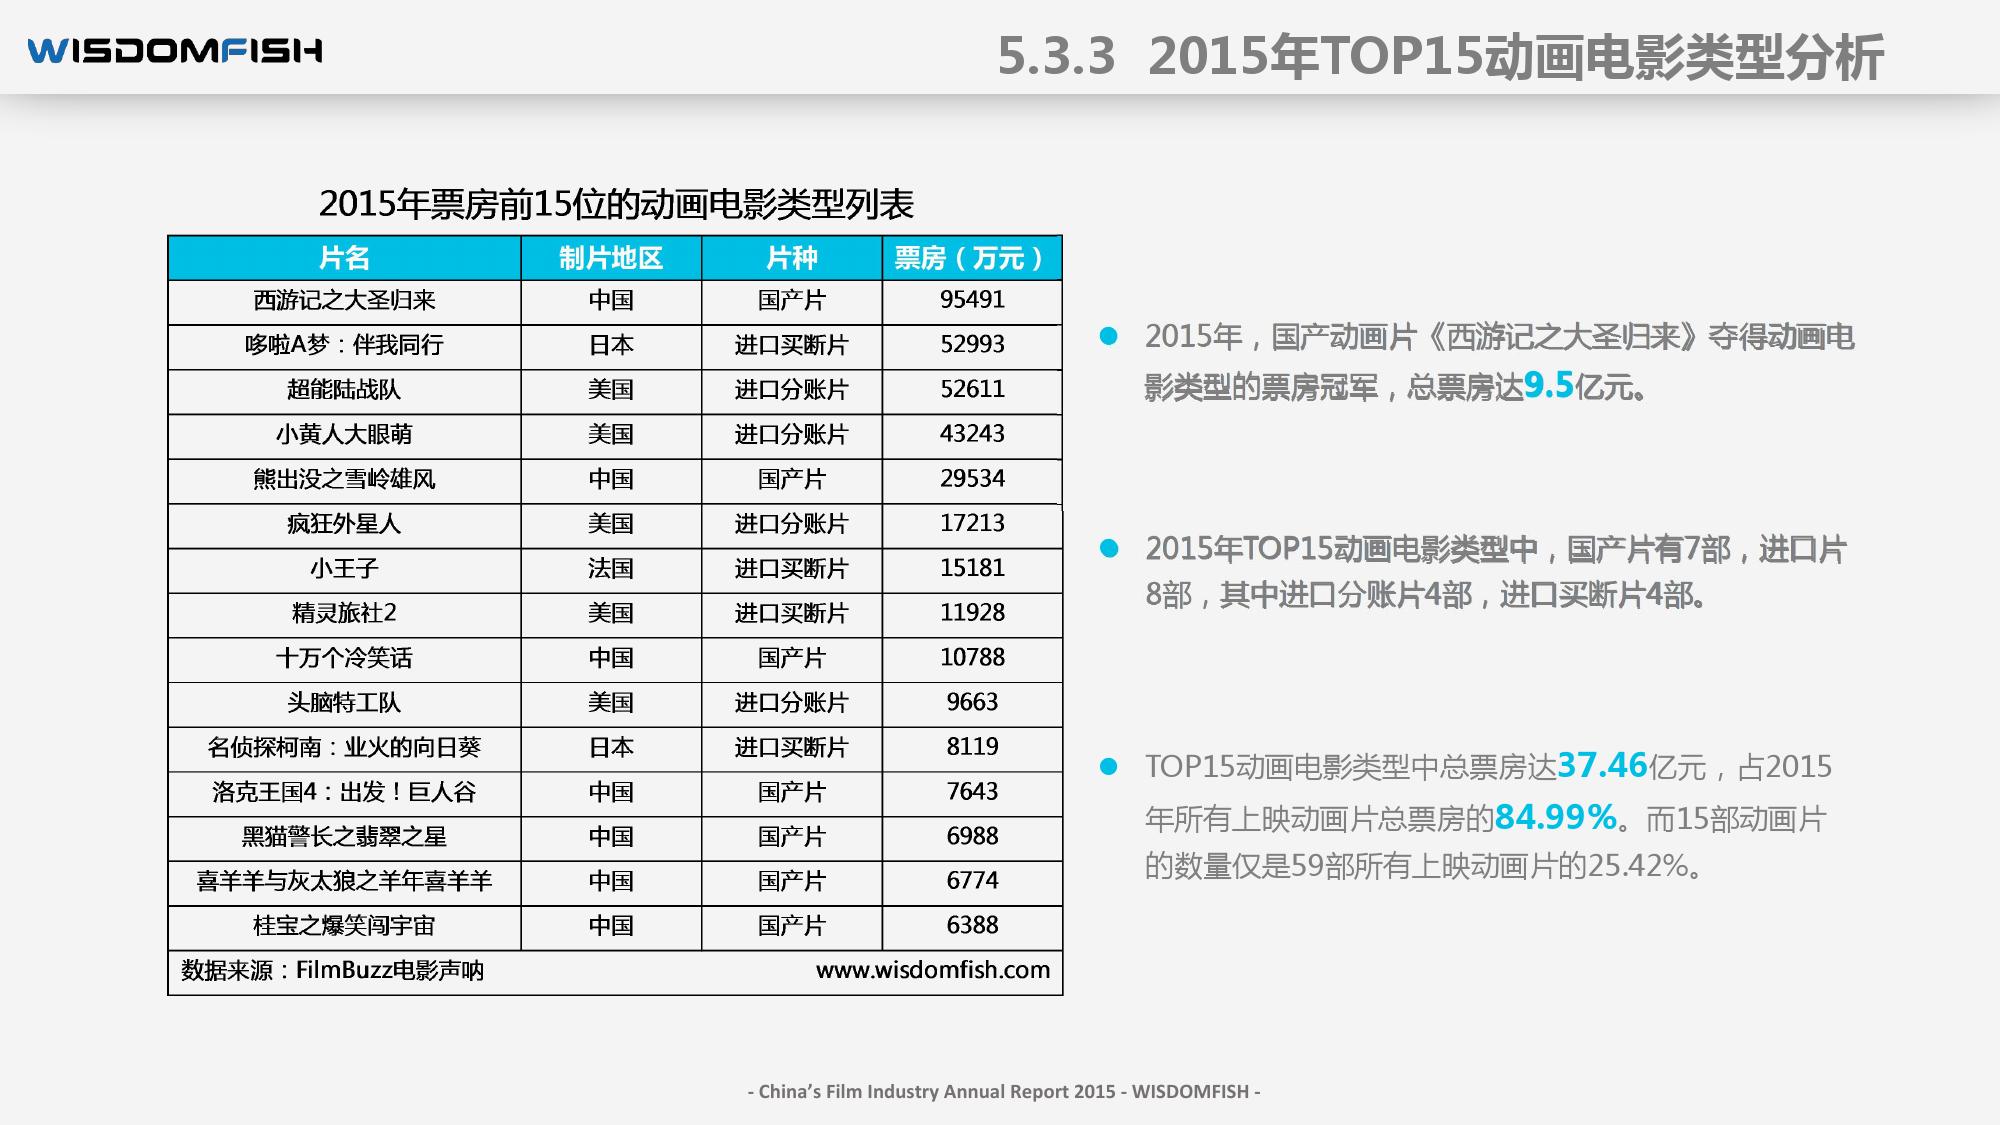 2015年度中国电影产业报告_000074